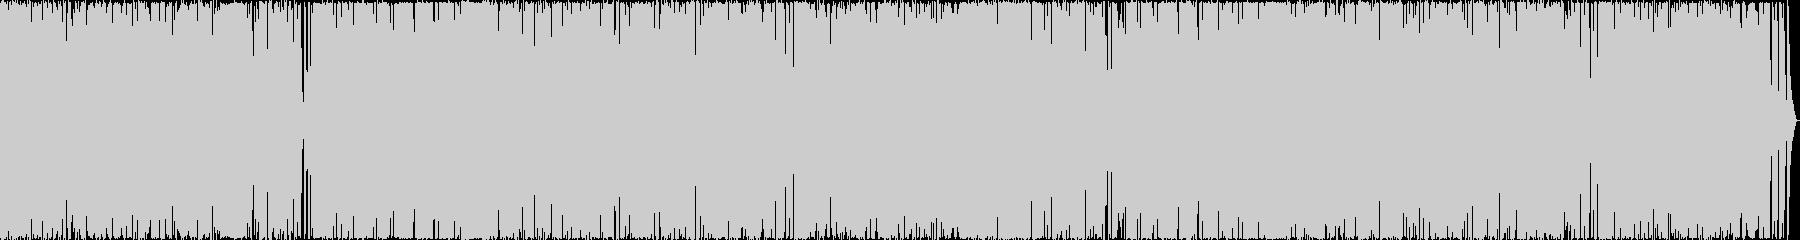 スカッと抜けるような爽快サウンドの未再生の波形